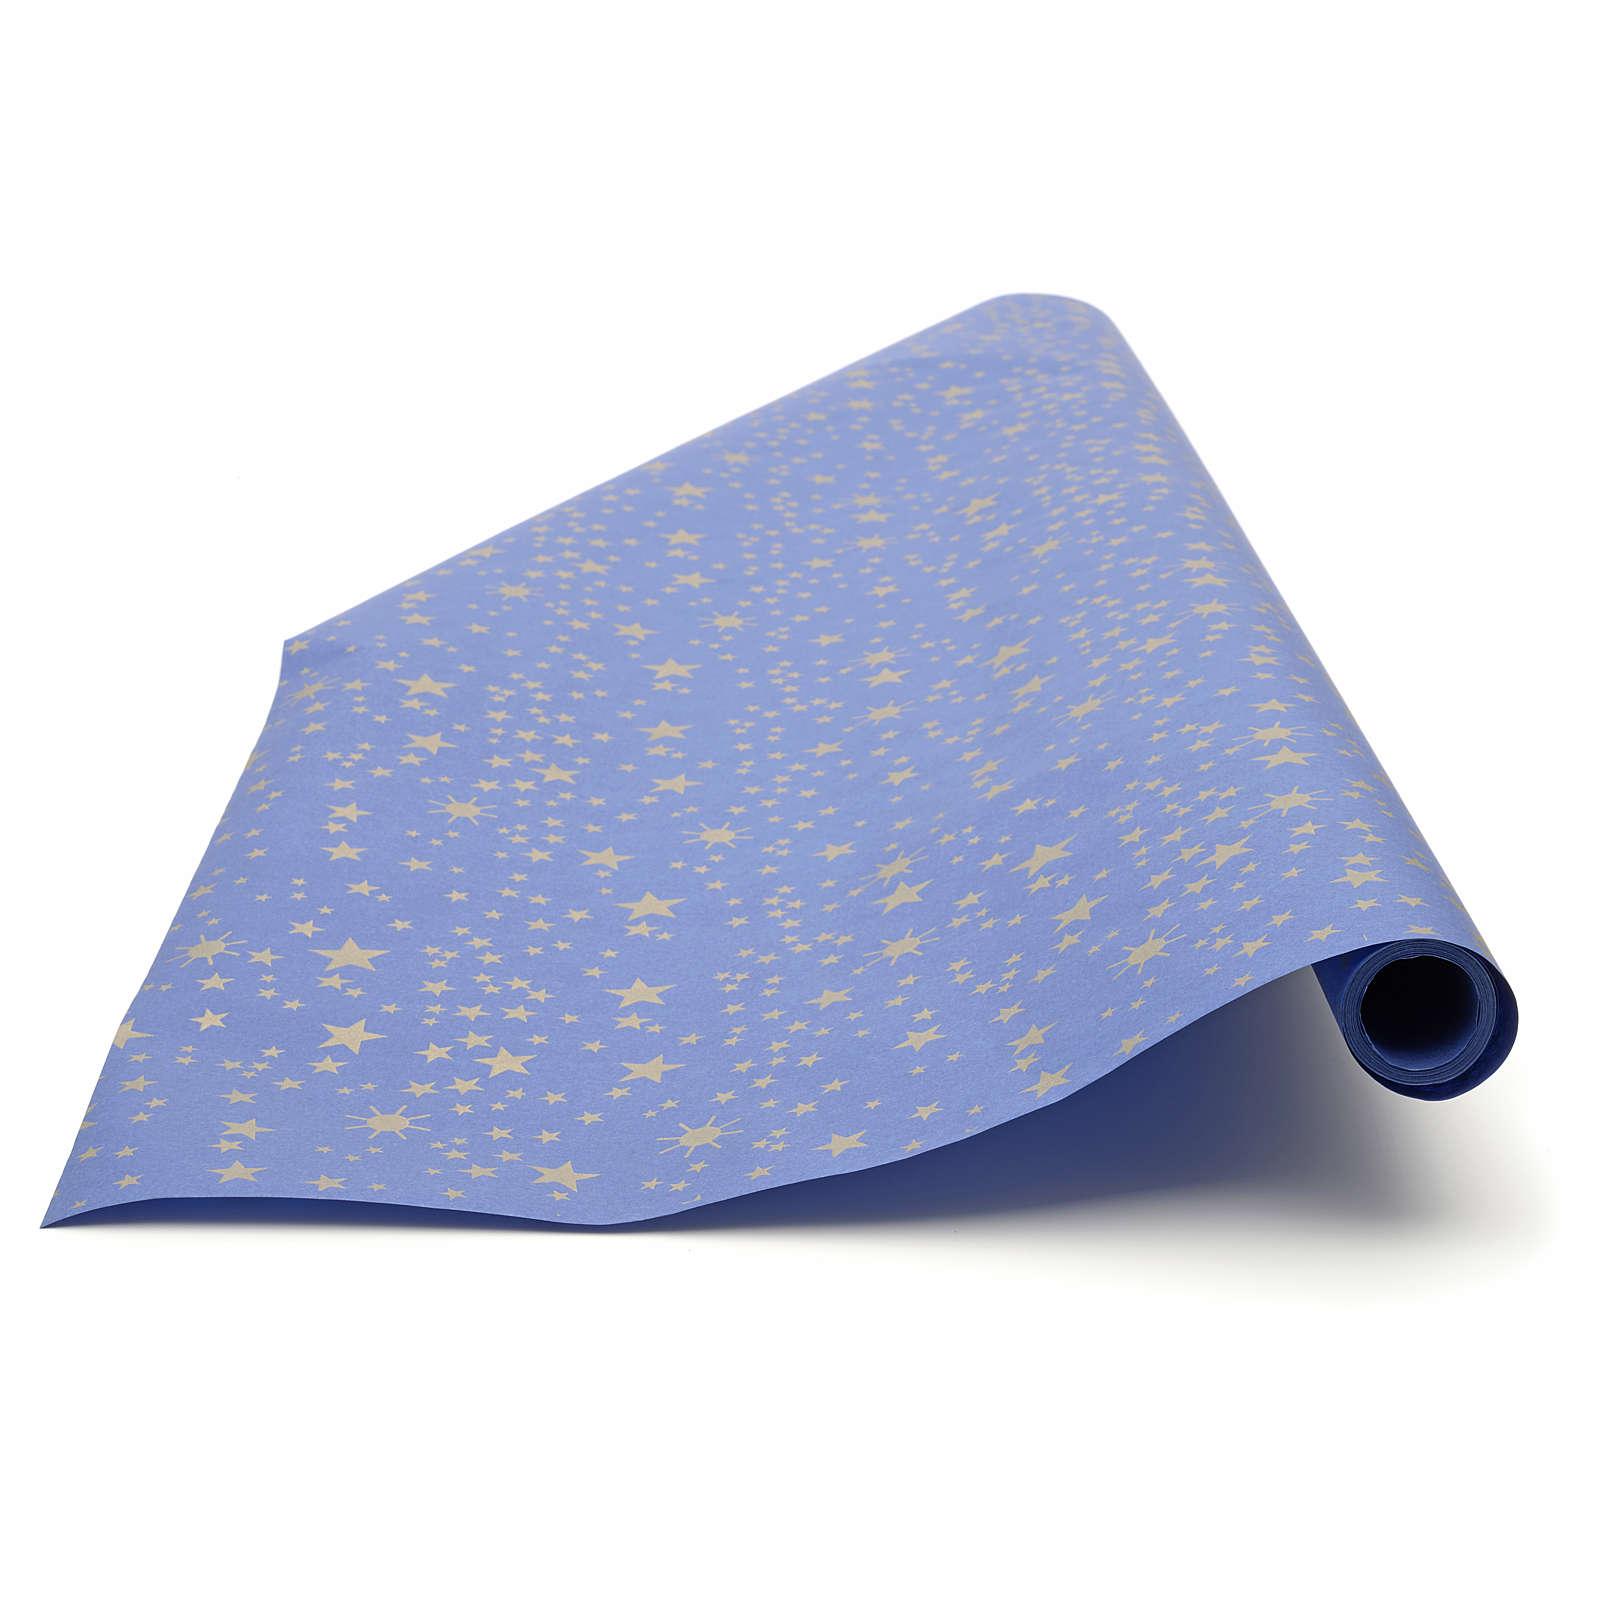 Rollo de papel cielo estrellado 100cm x5 mts 4